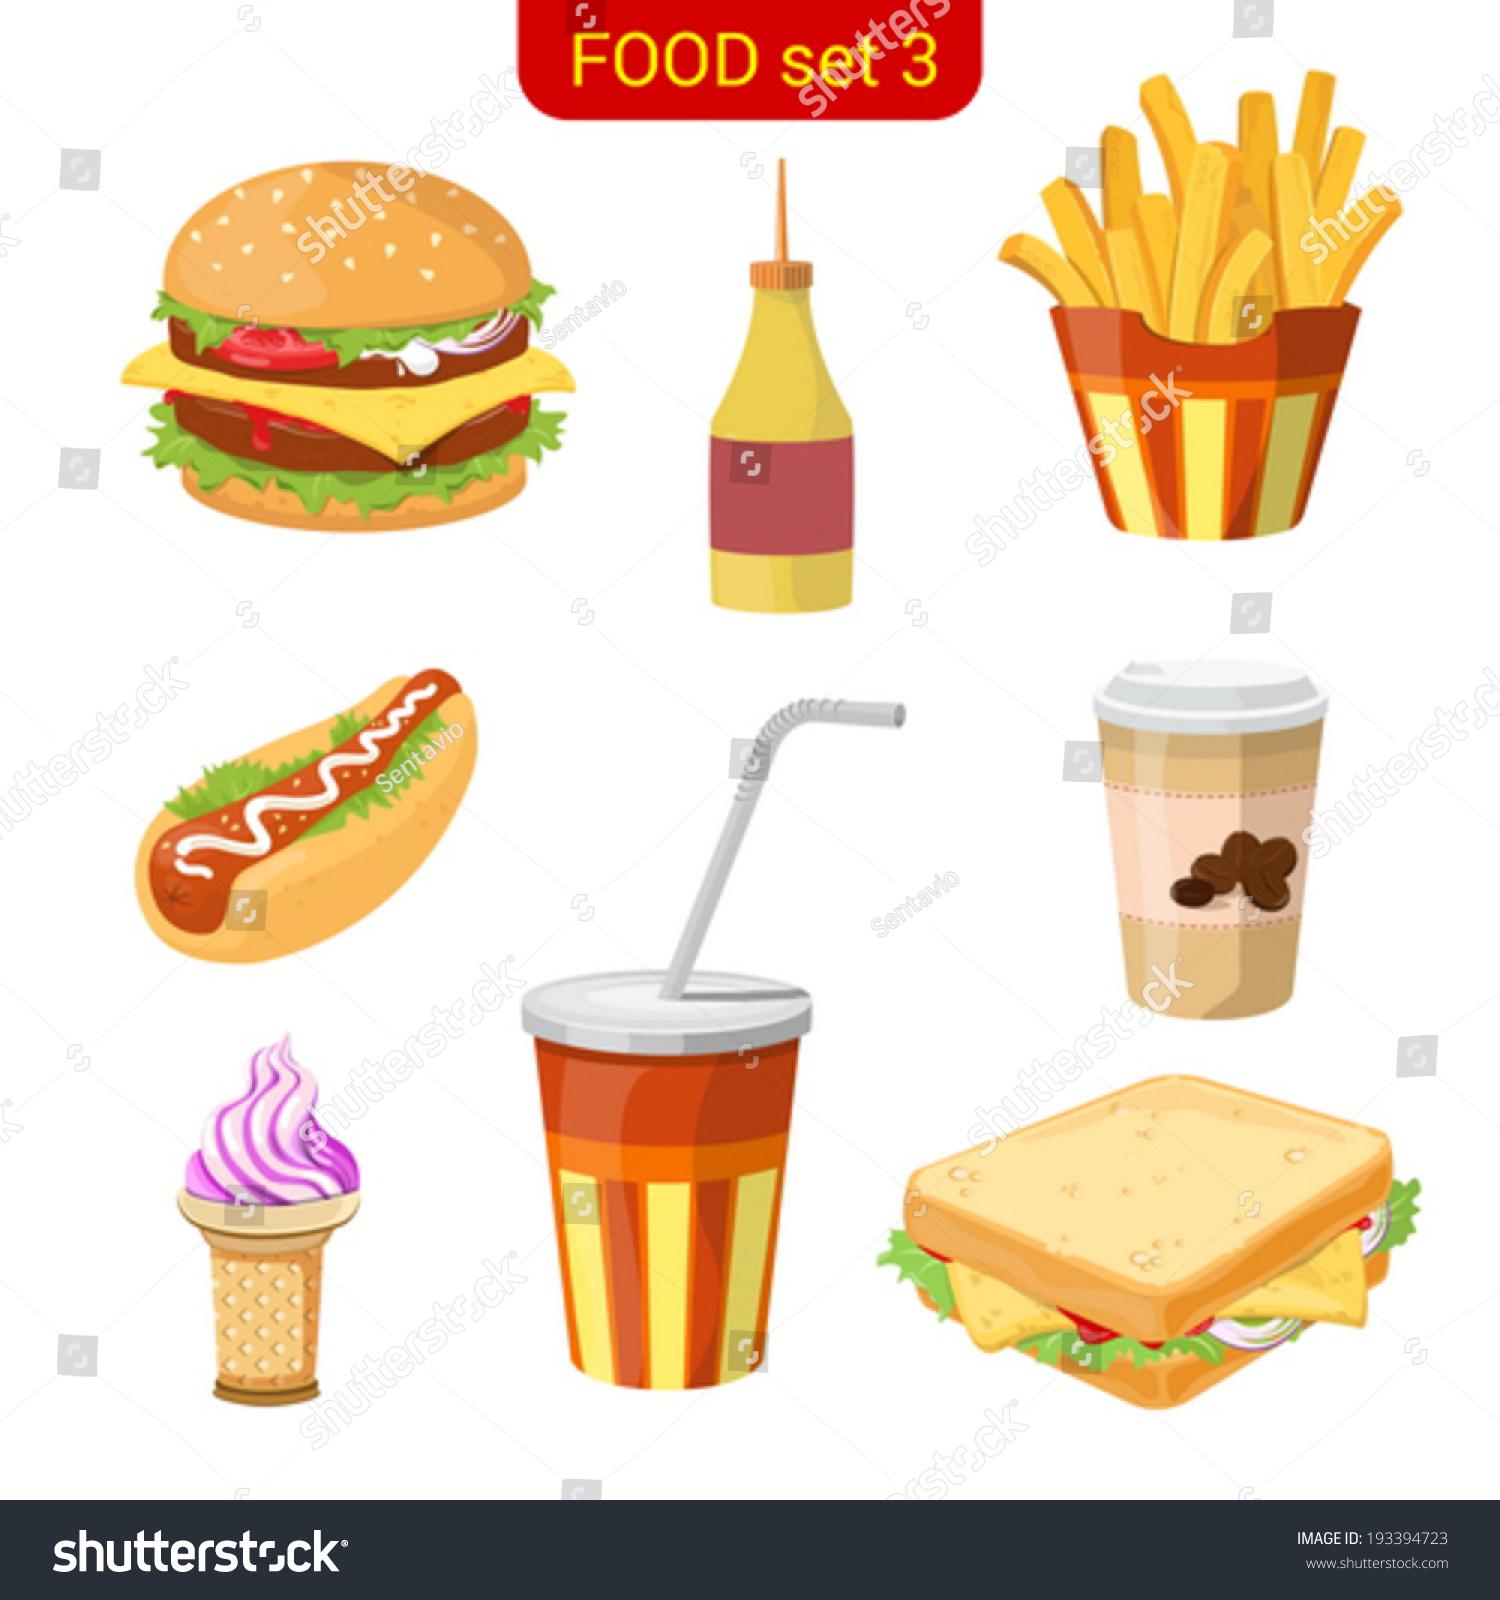 My Favorite Food Essay Sample